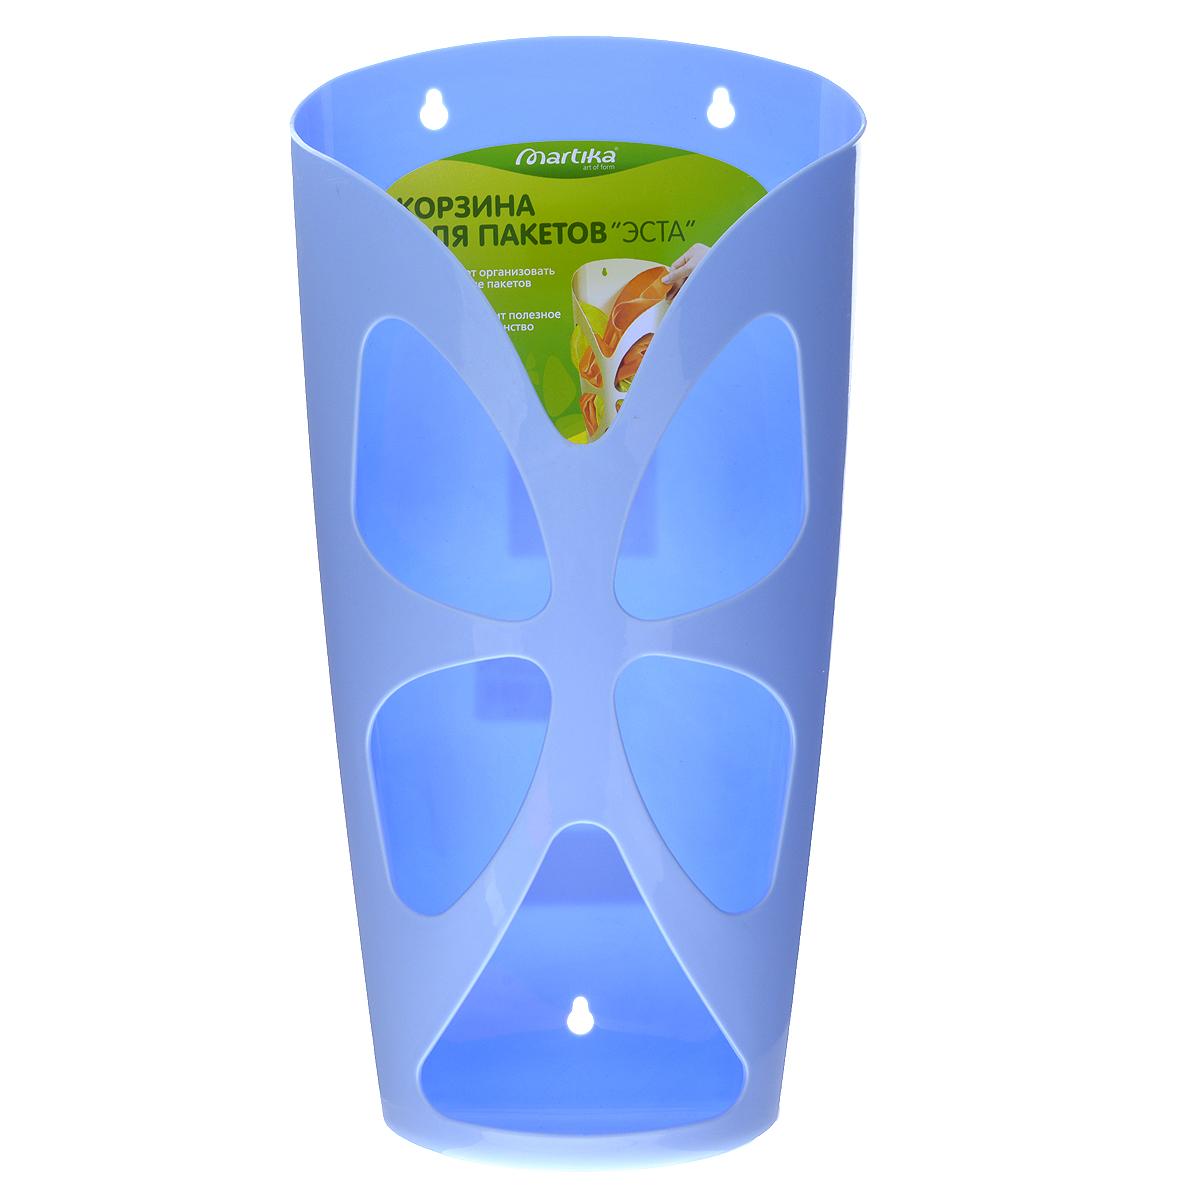 Корзина для пакетов Martika Эста, цвет: голубой. С683Брелок для ключейКорзина для пакетов Martika Эста изготовлена из высококачественного пластика. Эта практичная корзина наведет порядок в кладовке или кухонном шкафу и позволит хранить пакеты или хозяйственные сумочки во всегда доступном месте! Изделие декорировано резным изображением бабочки. Корзина просто подвешивается на дверь шкафчика изнутри или снаружи, в зависимости от назначения. Корзина для пакетов Martika Эста будет замечательным подарком для поддержания чистоты и порядка. Она сэкономит место, гармонично впишется в интерьер и будет радовать вас уникальным дизайном.